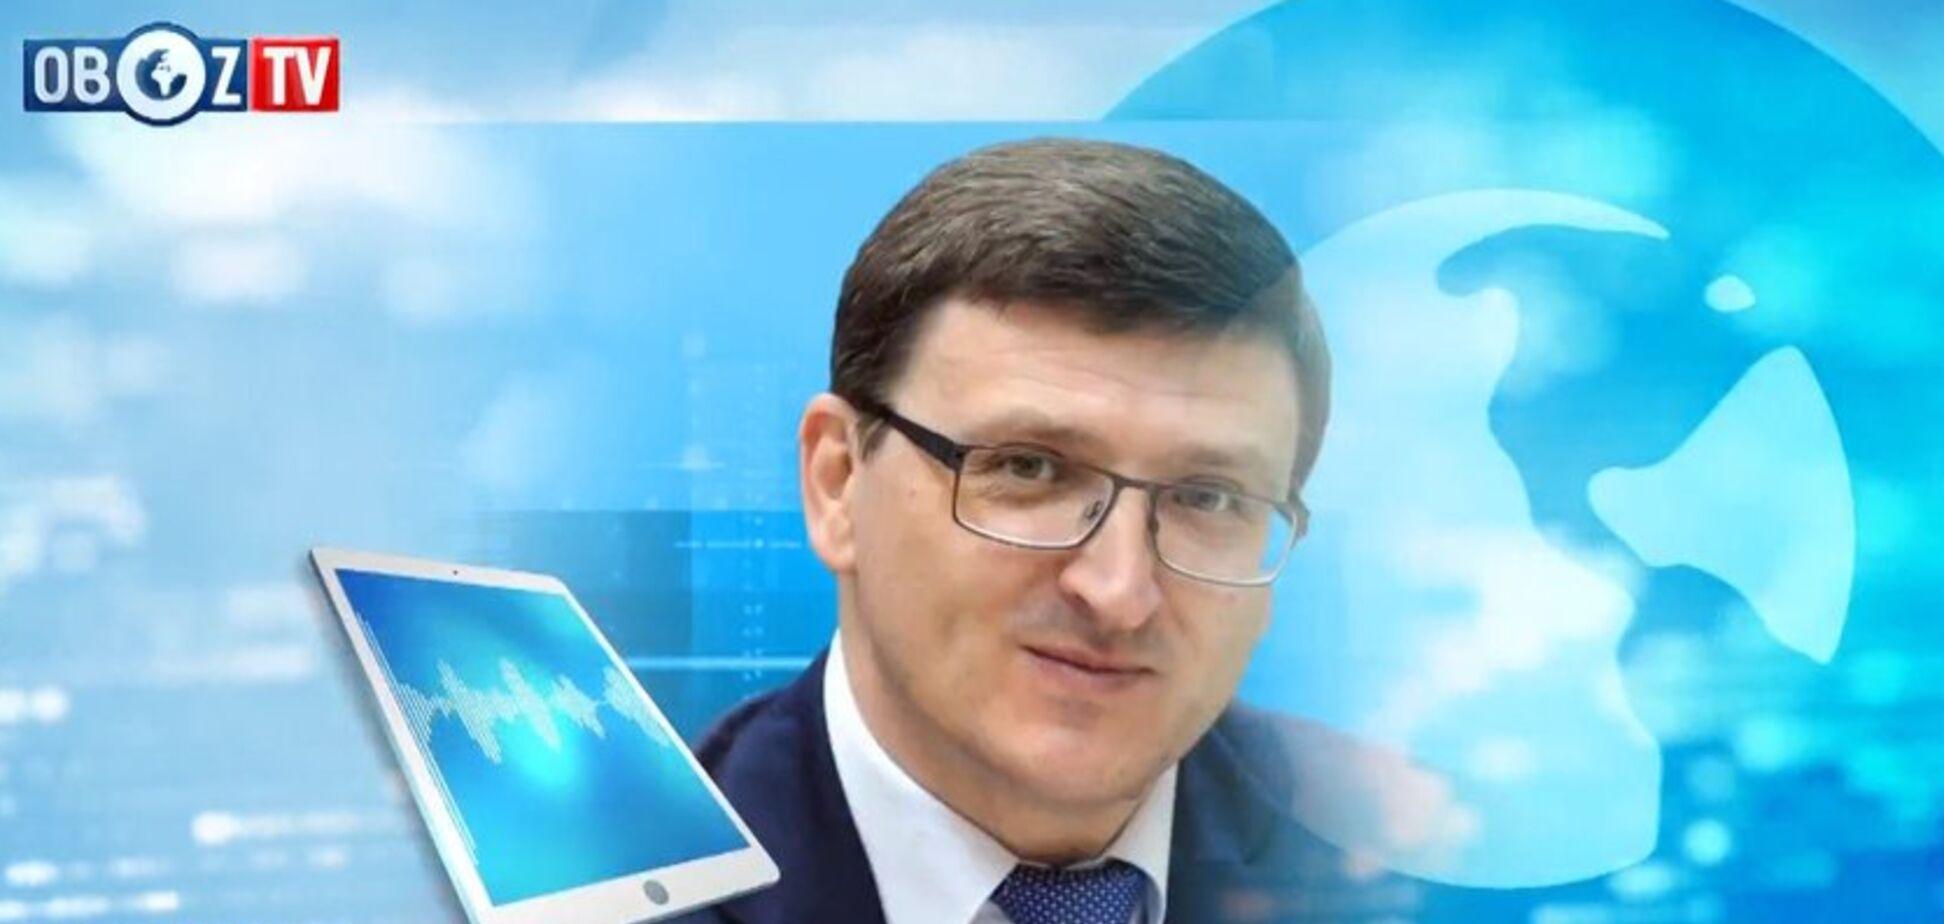 За границей работает уже до 10 млн украинцев: комментарии эксперта